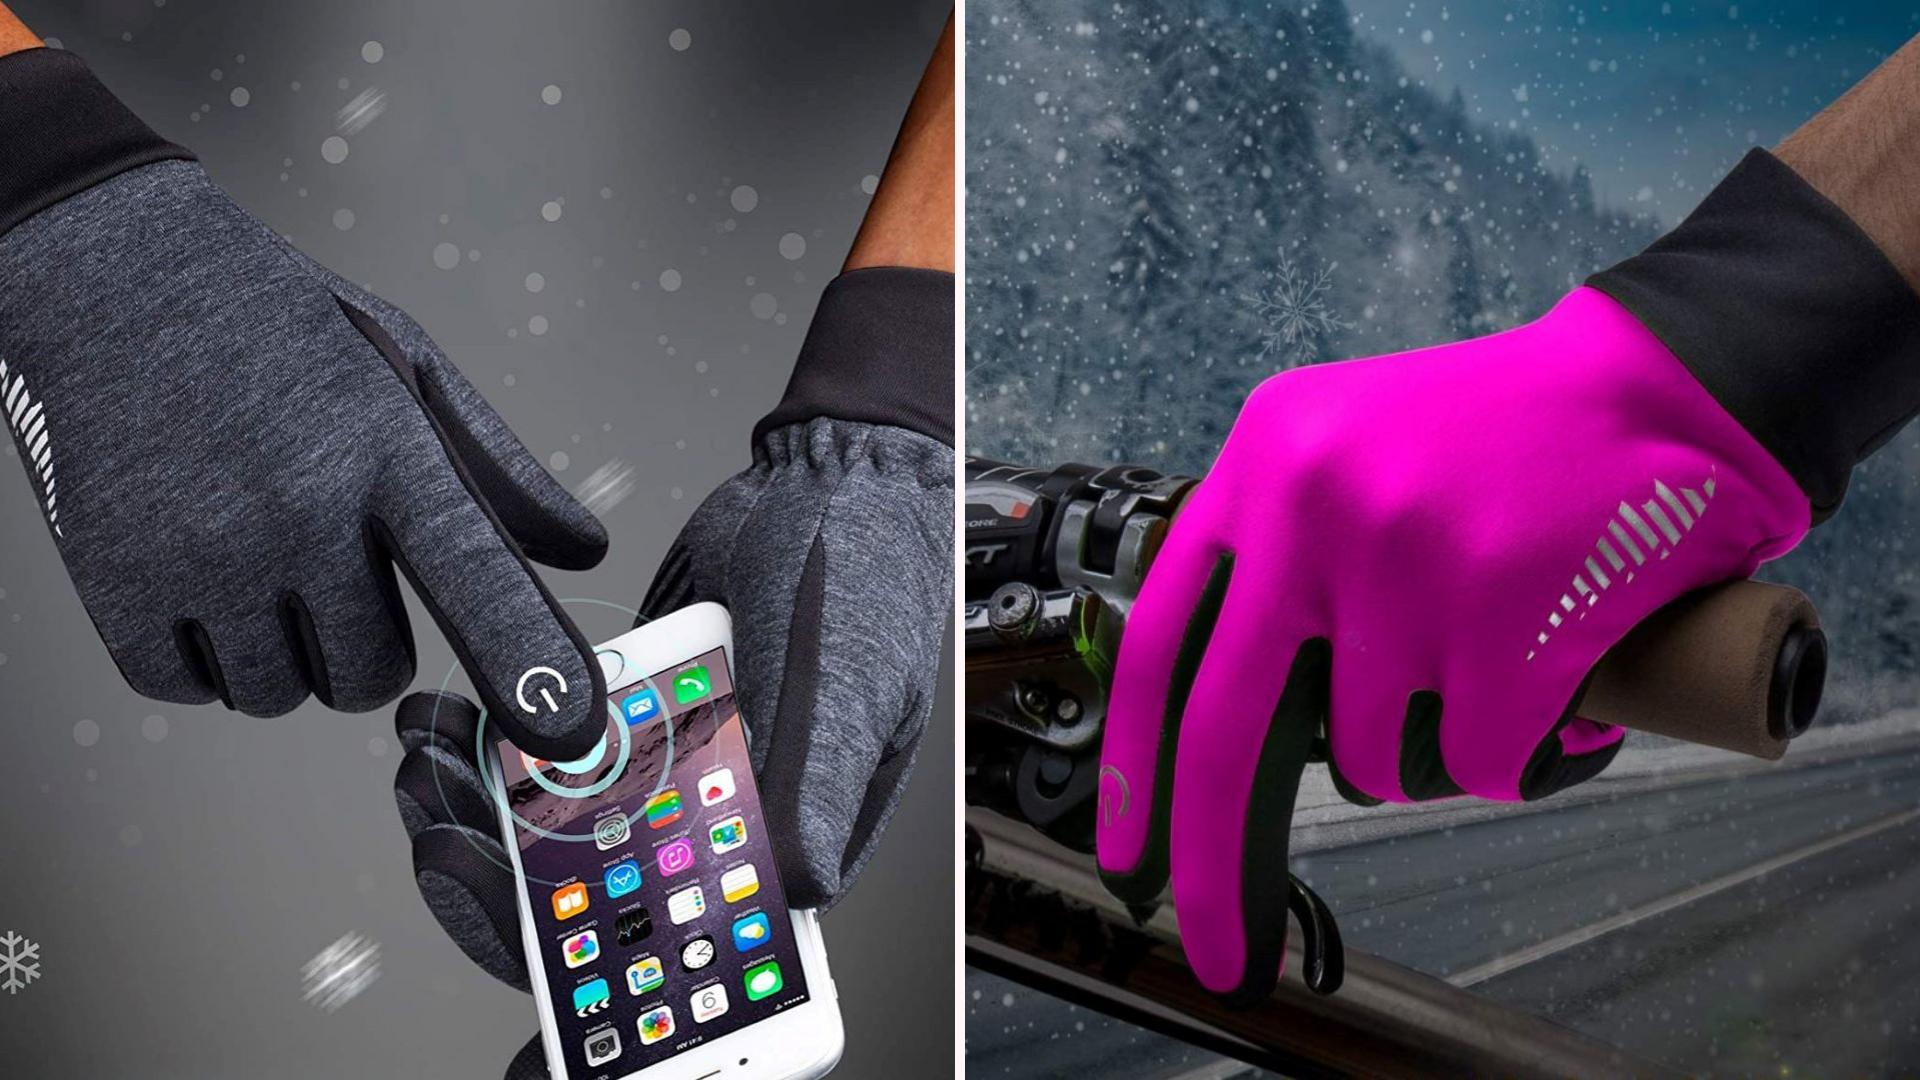 Gray and Purple Simari Gloves